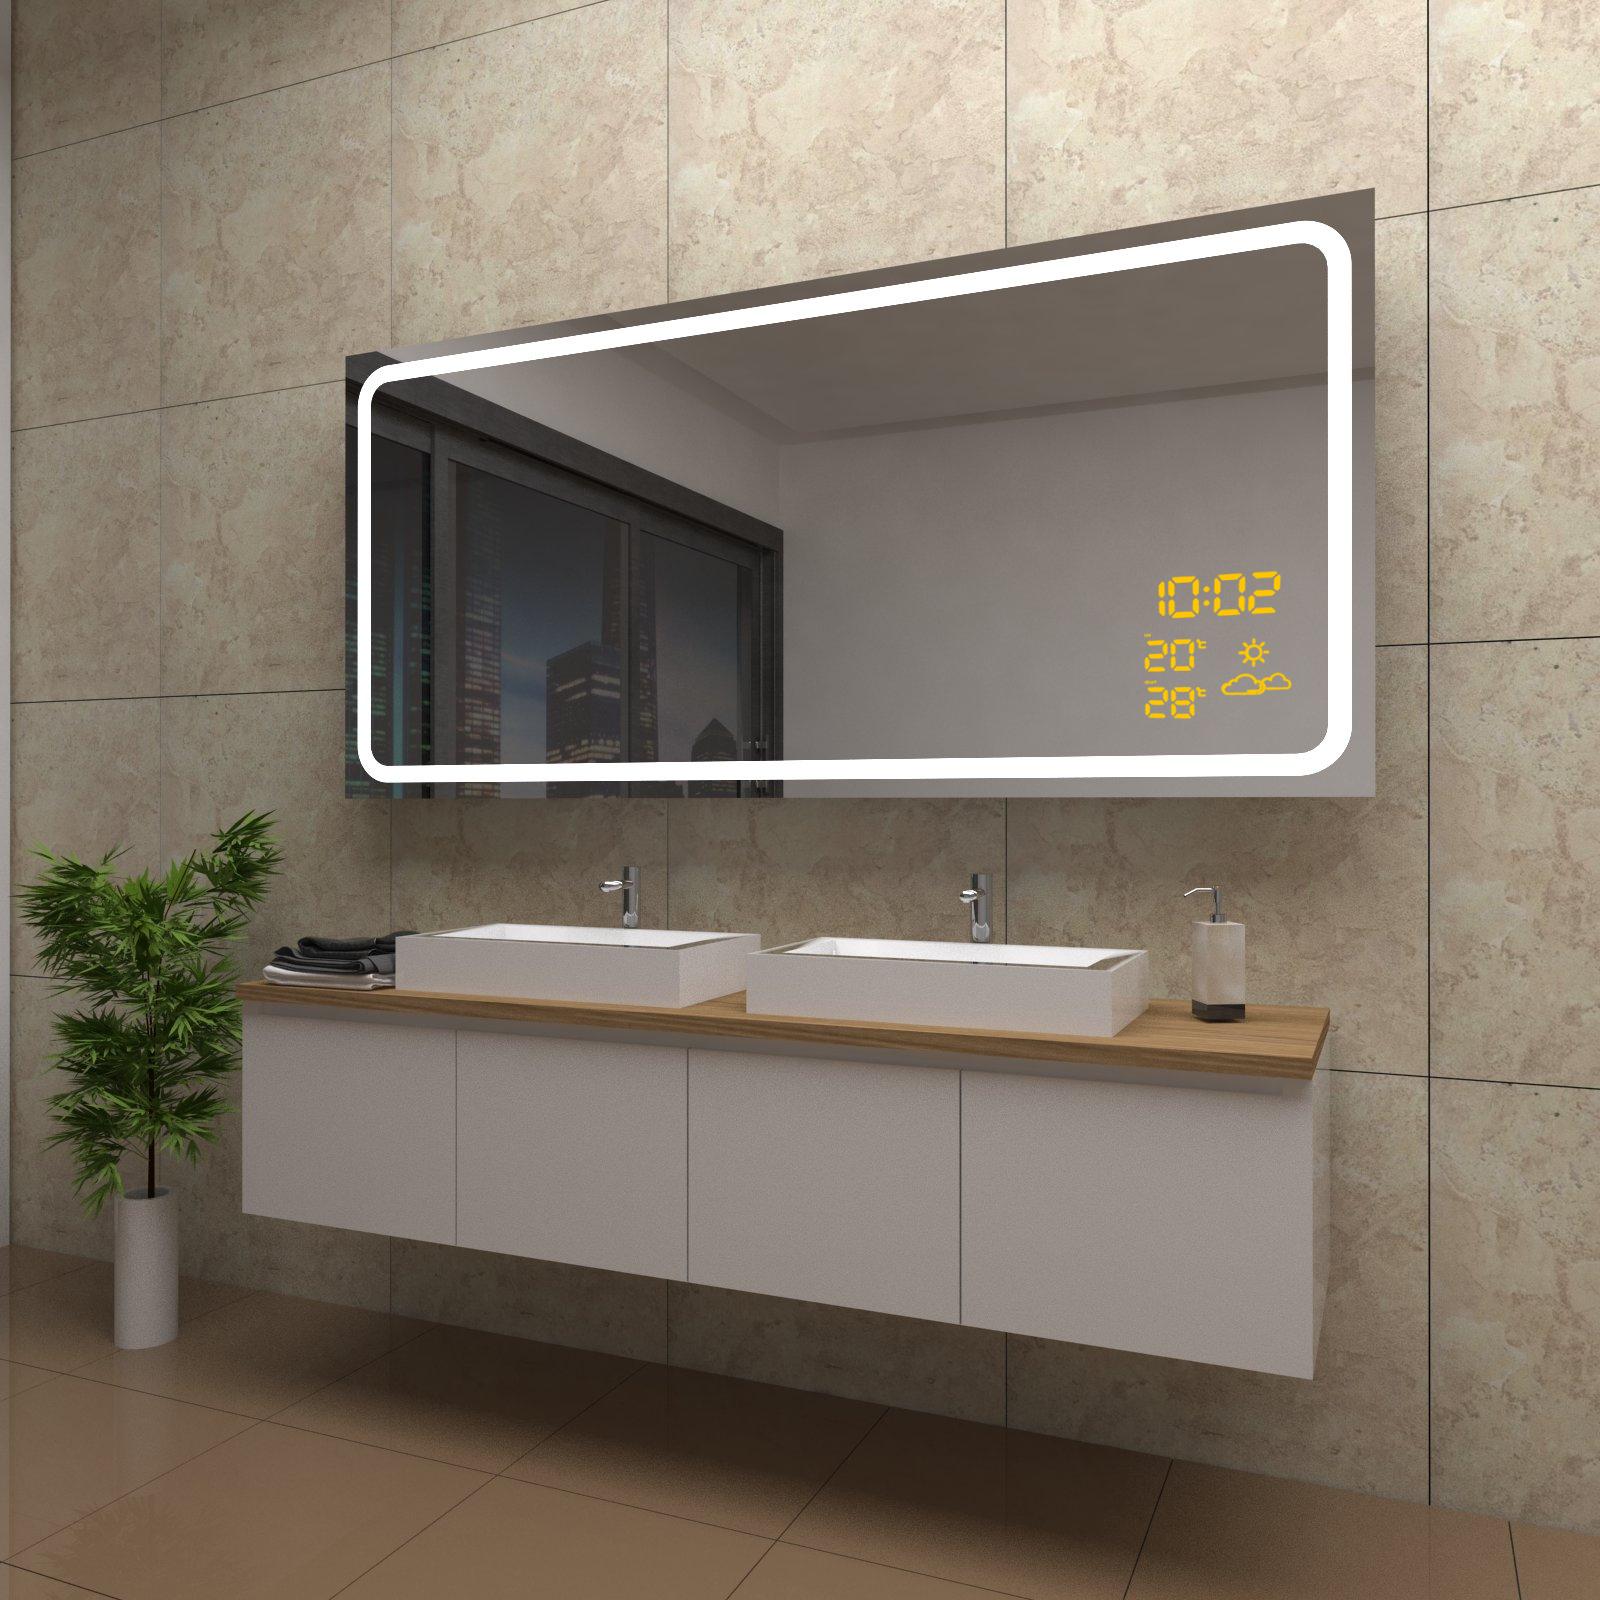 Spiegel Grace mit LED Beleuchtung und Wetterstation inkl Uhr